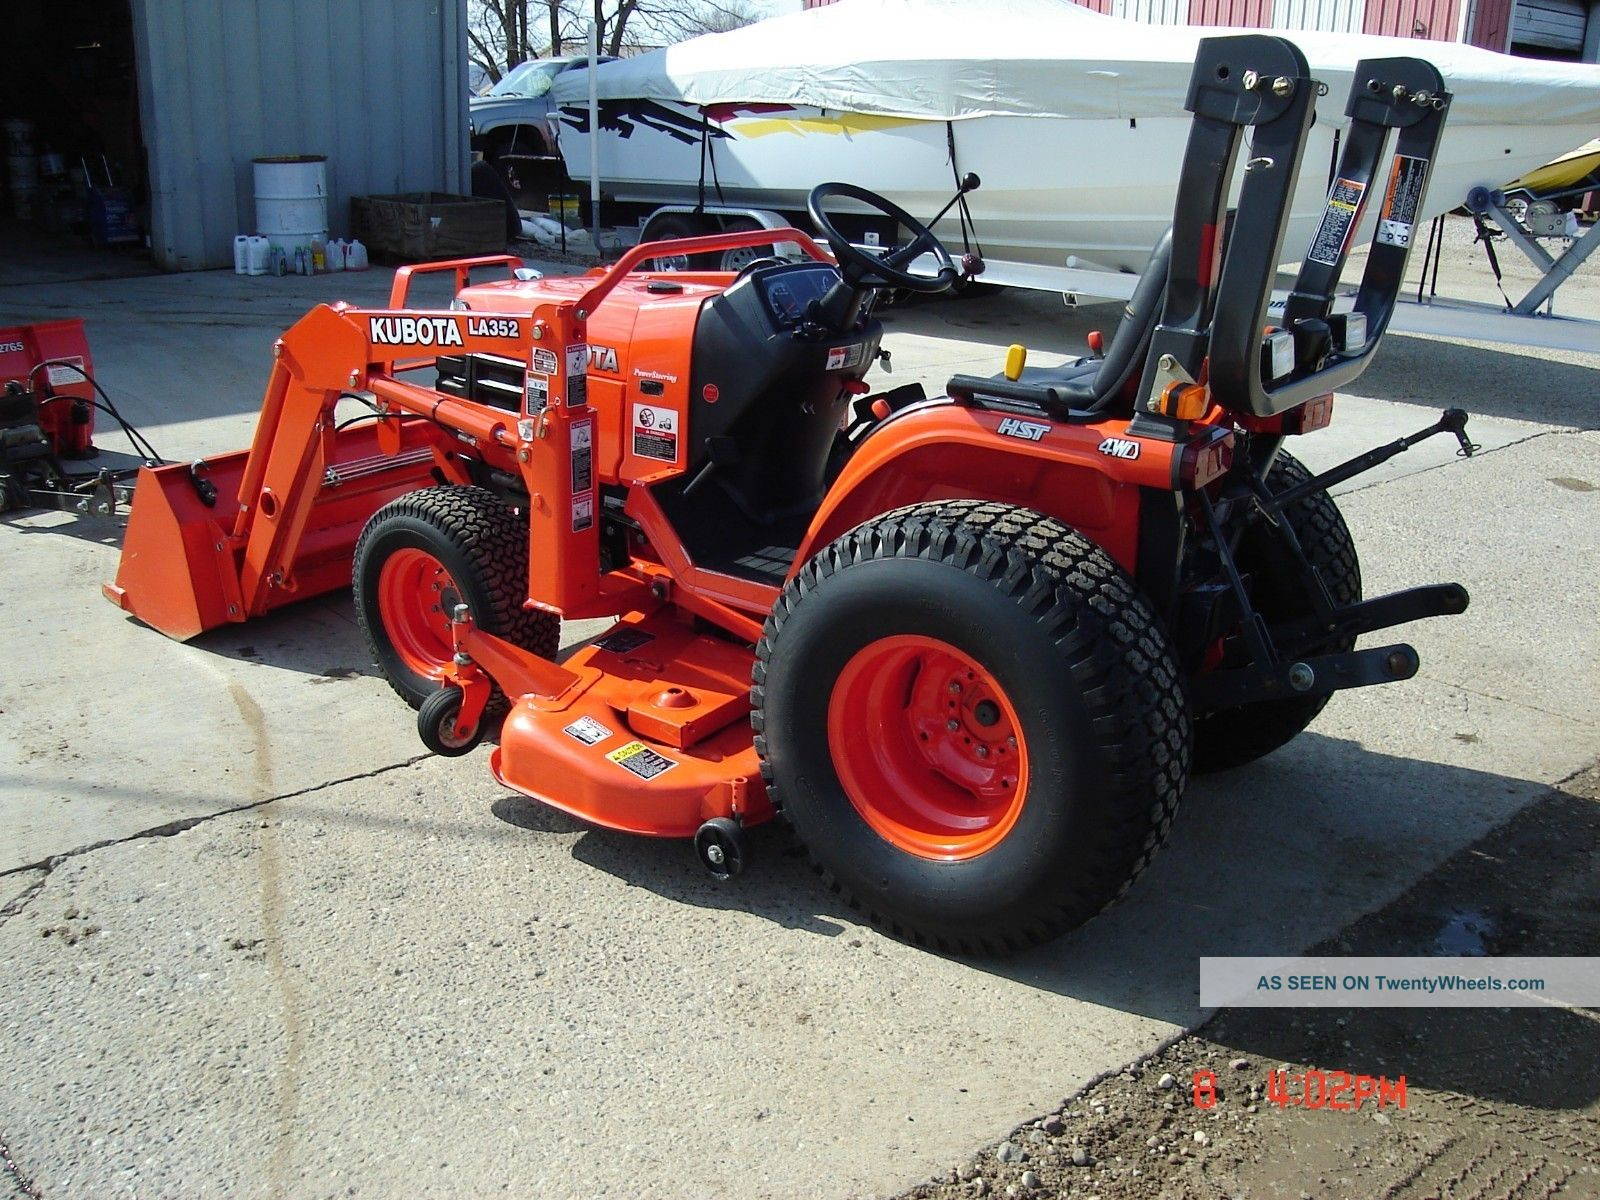 Kubota Mower Blades : Kubota b hp wd tractor with loader inch